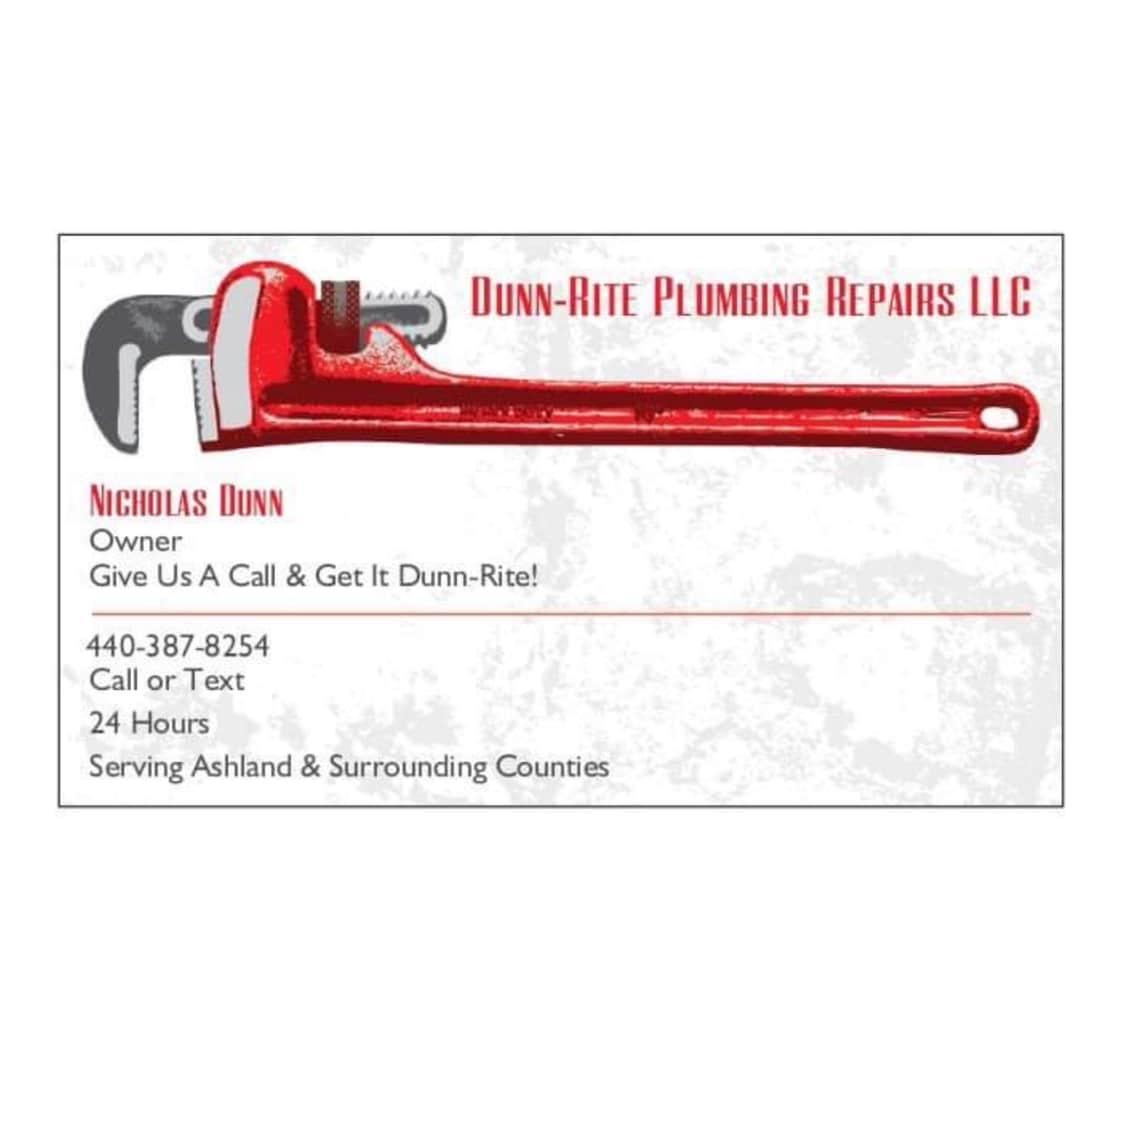 Dunn-Rite Plumbing Repairs LLC